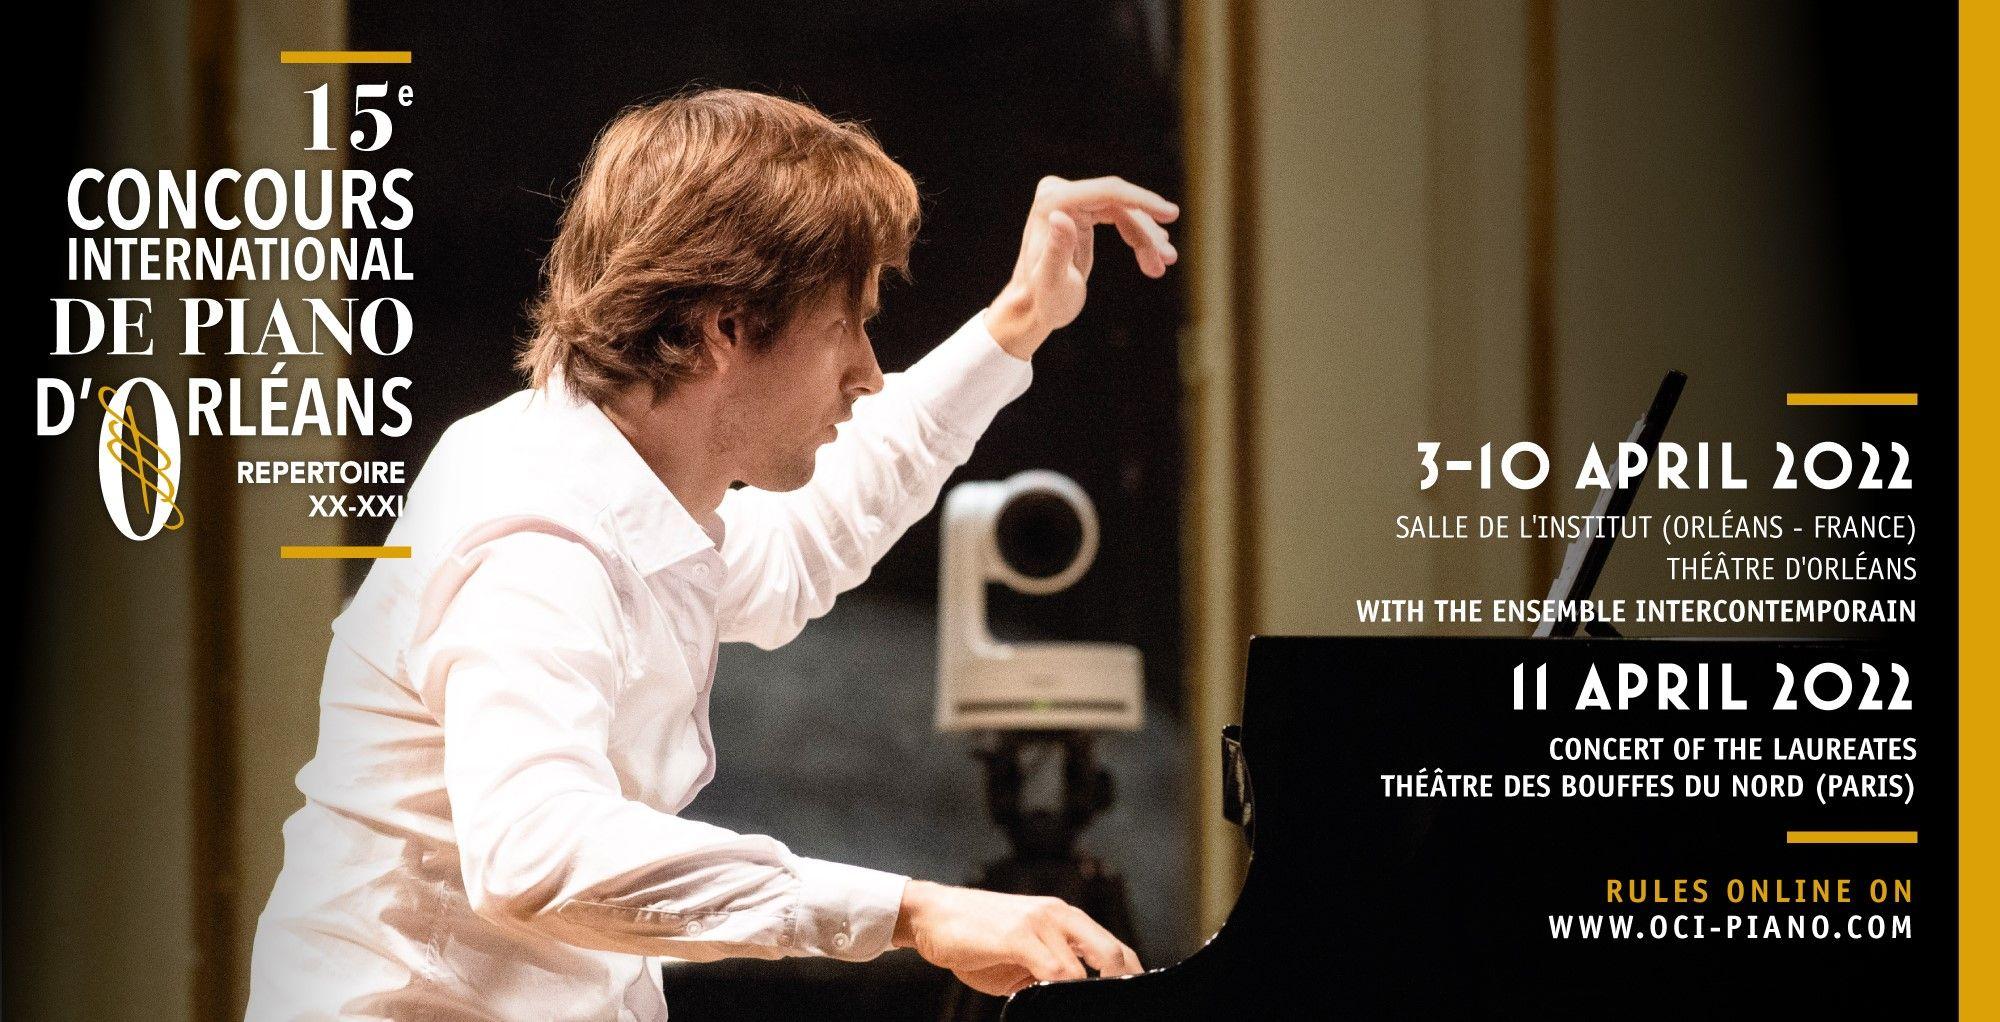 rencontre international de piano paris cherche boucle d oreille homme